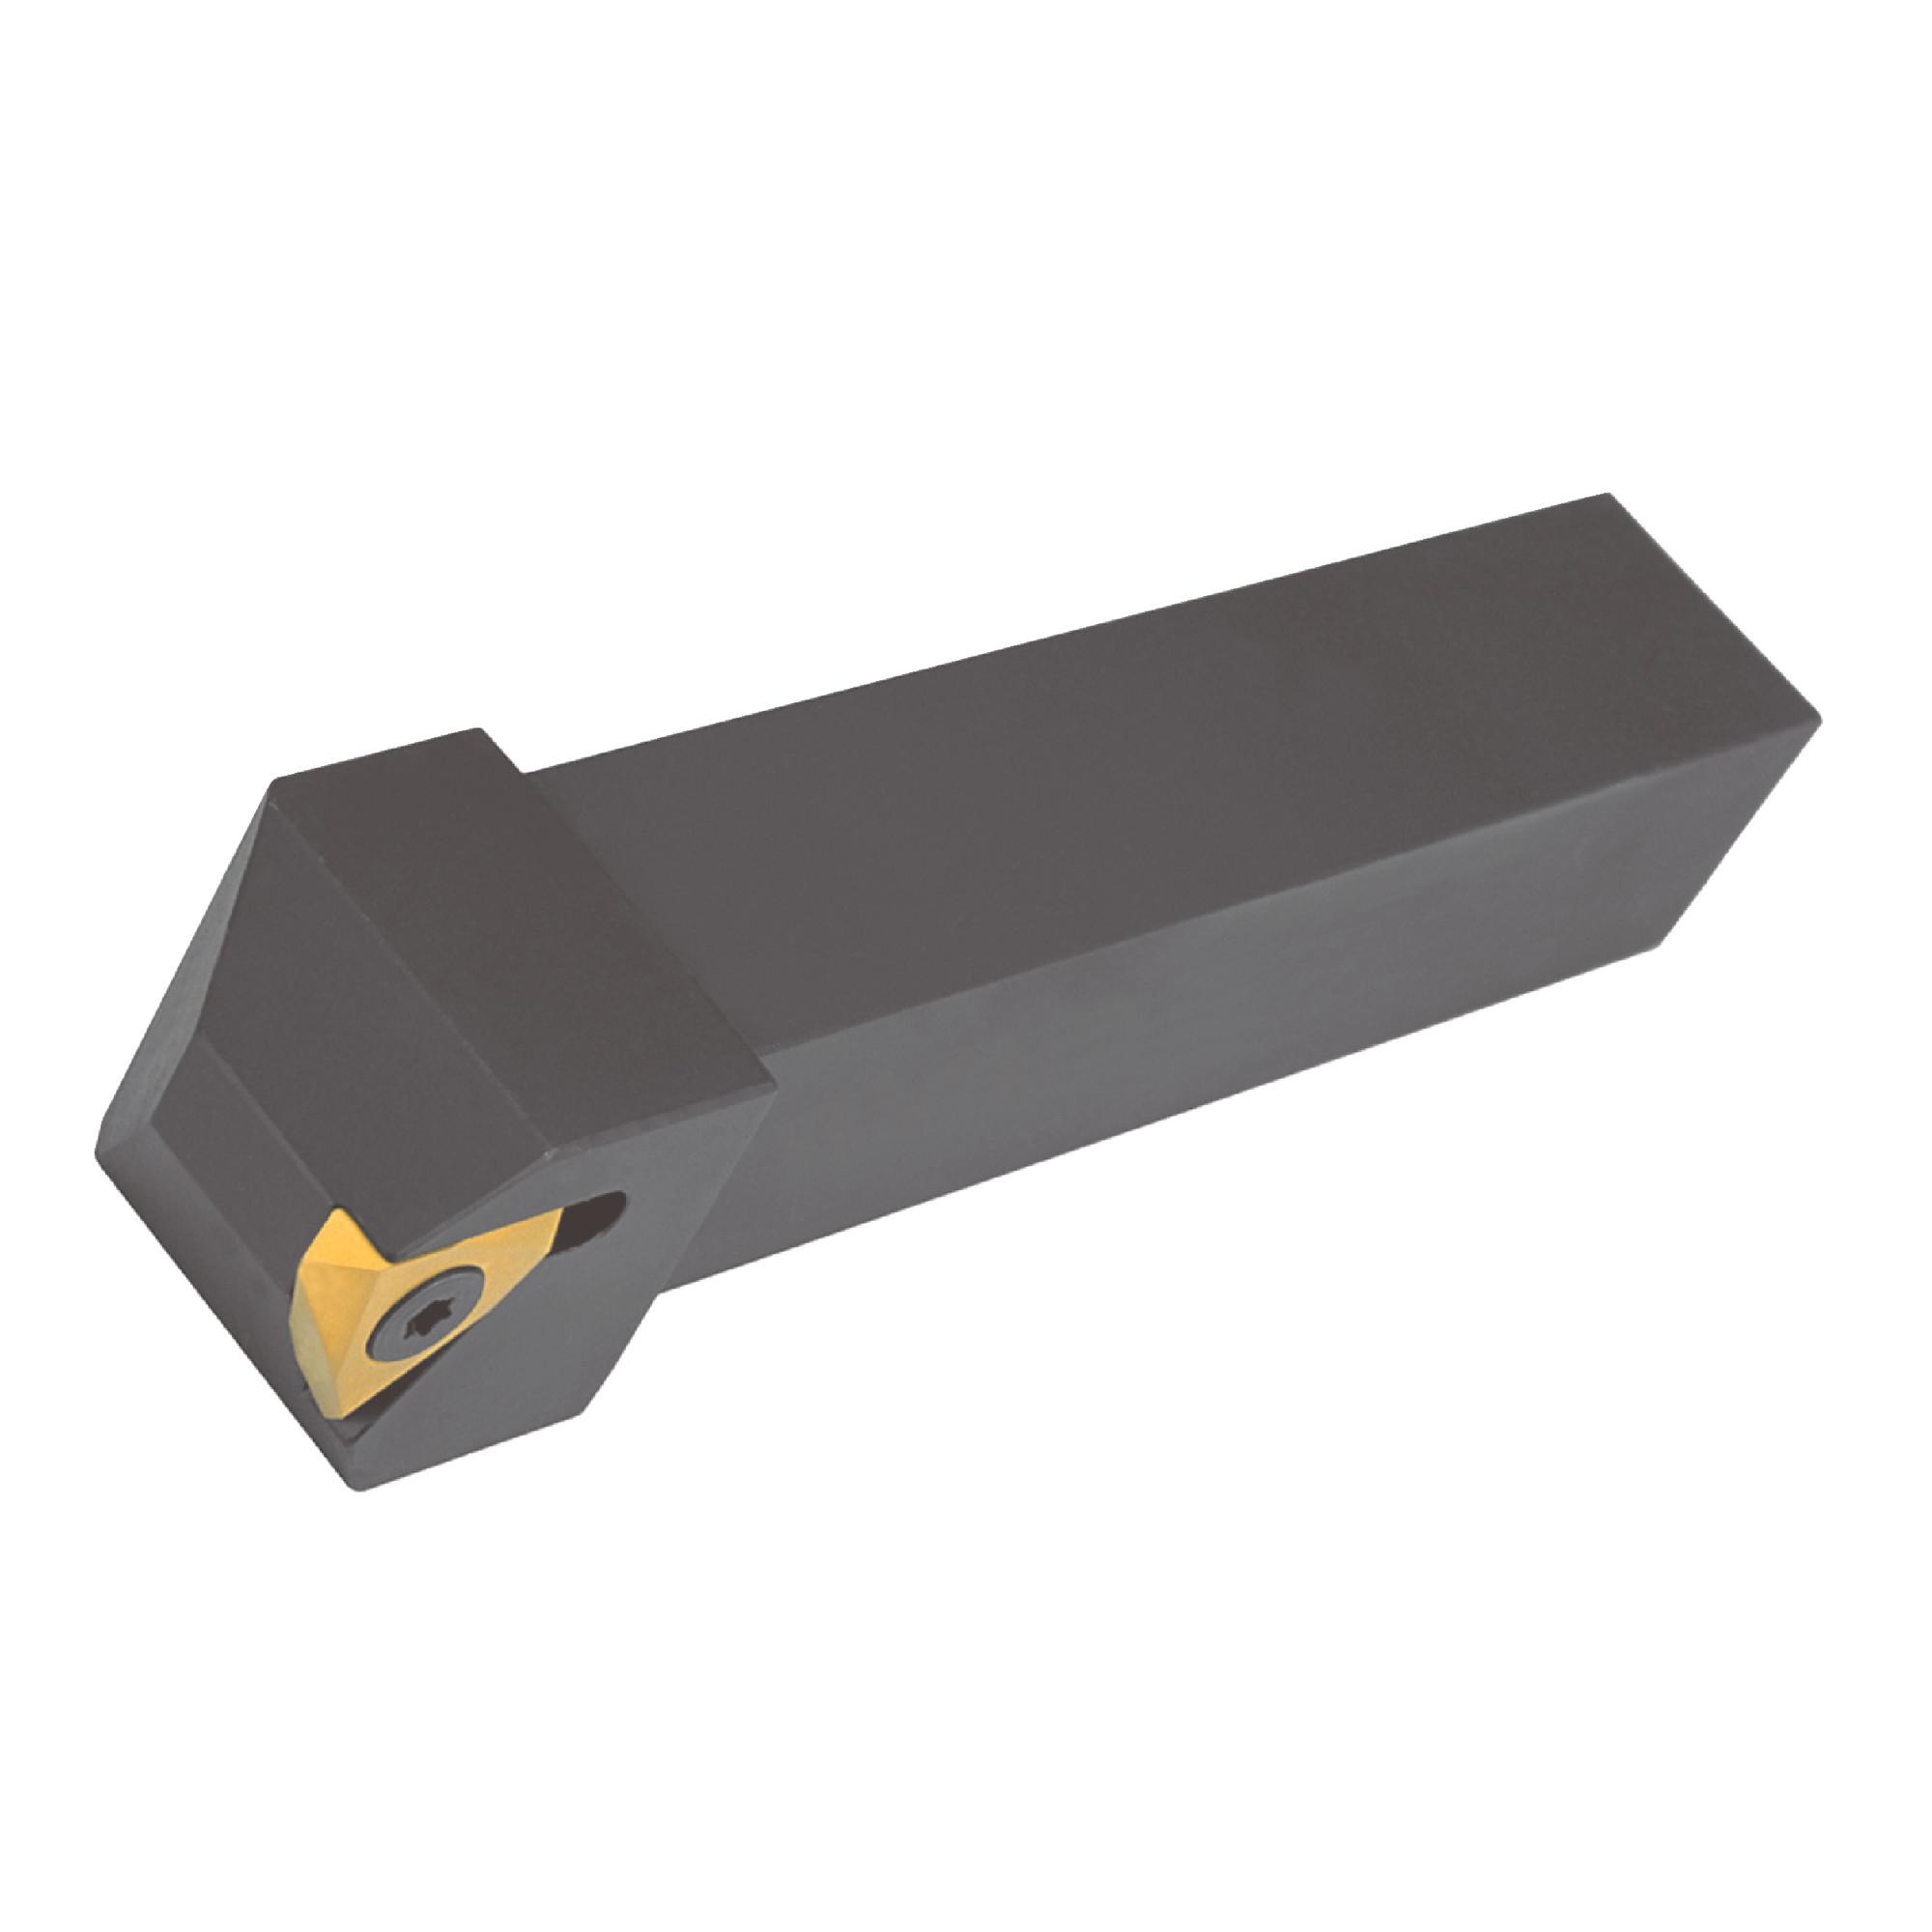 """DORIAN - STVOR10-3B / 0.750"""" Shank External Holder for TPMC32 Insert / Right Hand"""